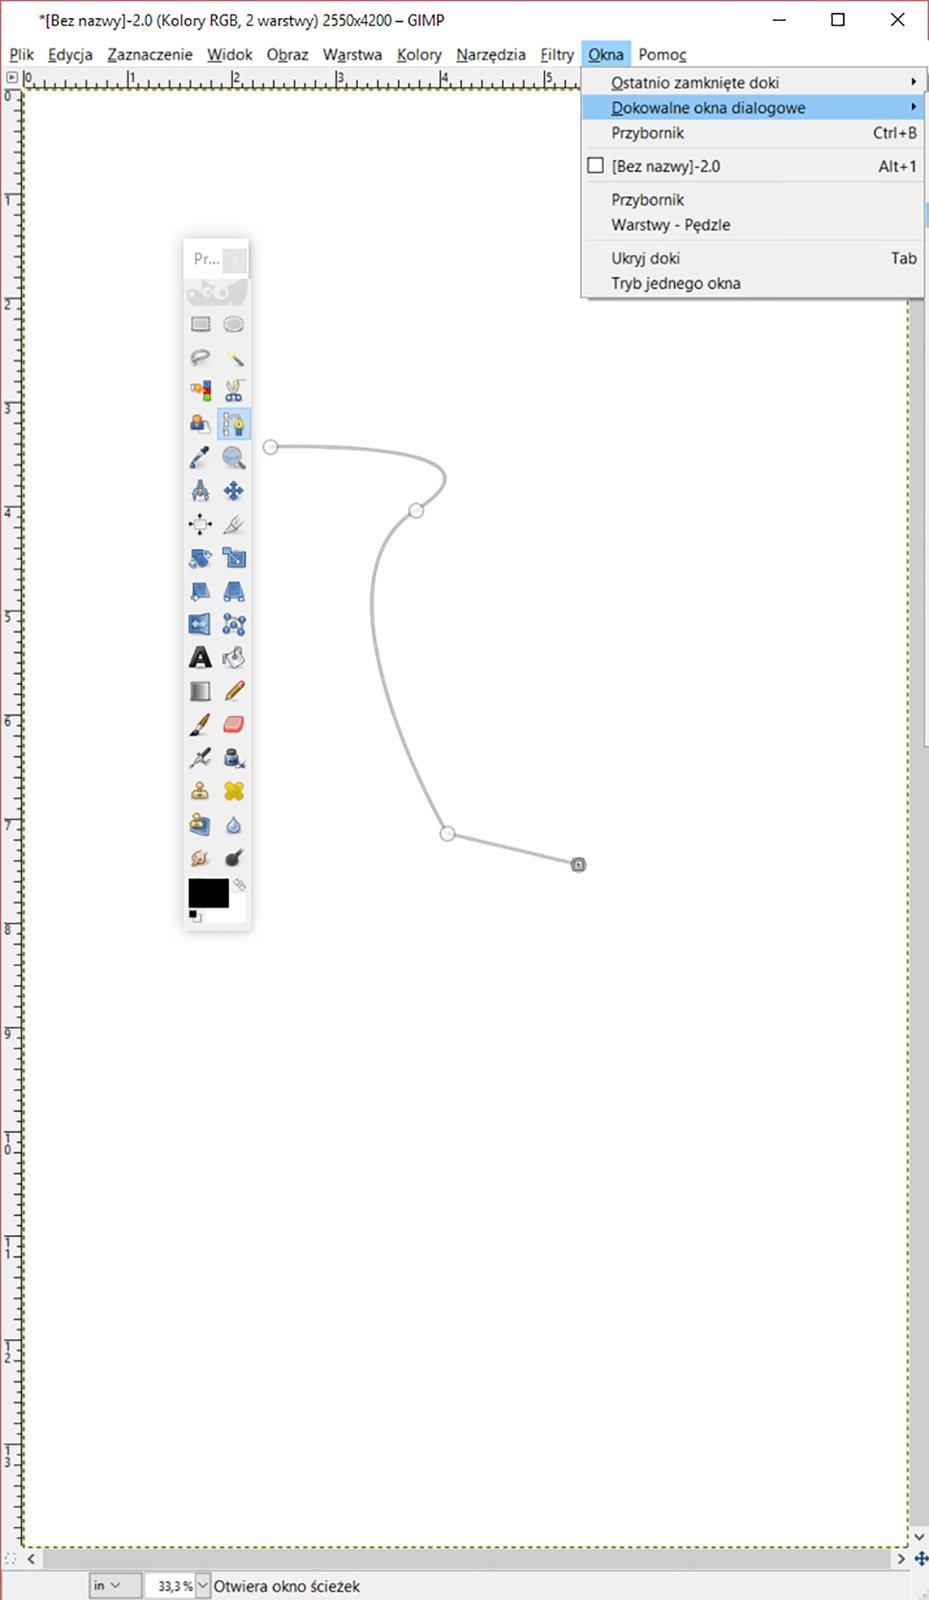 Ilustracja możliwości dokowania okien dialogowych wużywanej aplikacji